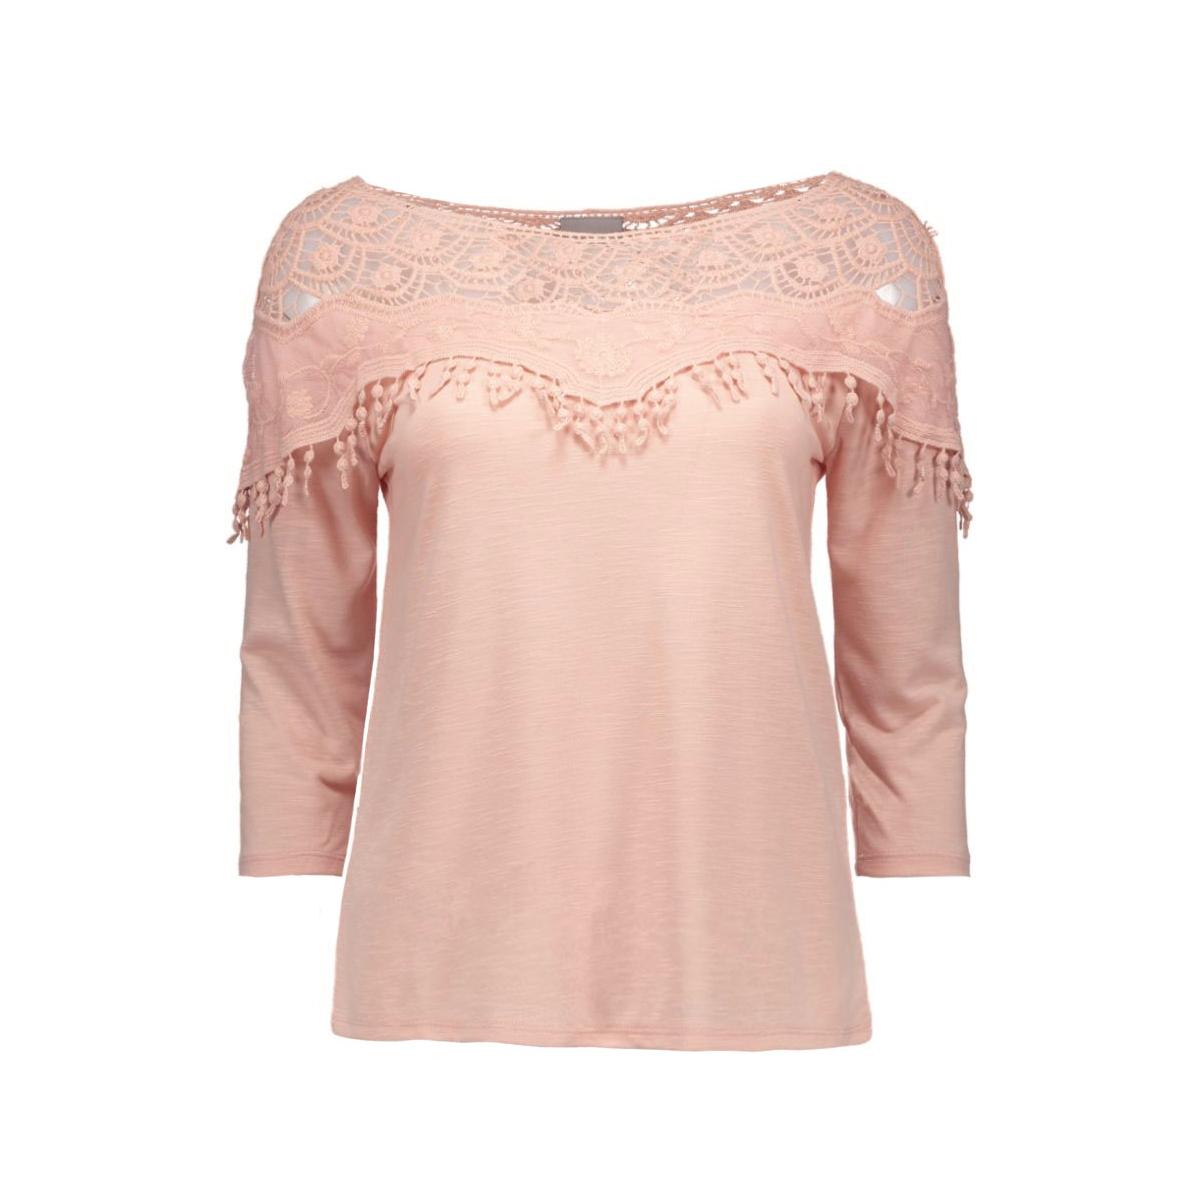 vmsusy 3/4 crochet top 10154911 vero moda t-shirt rose dust